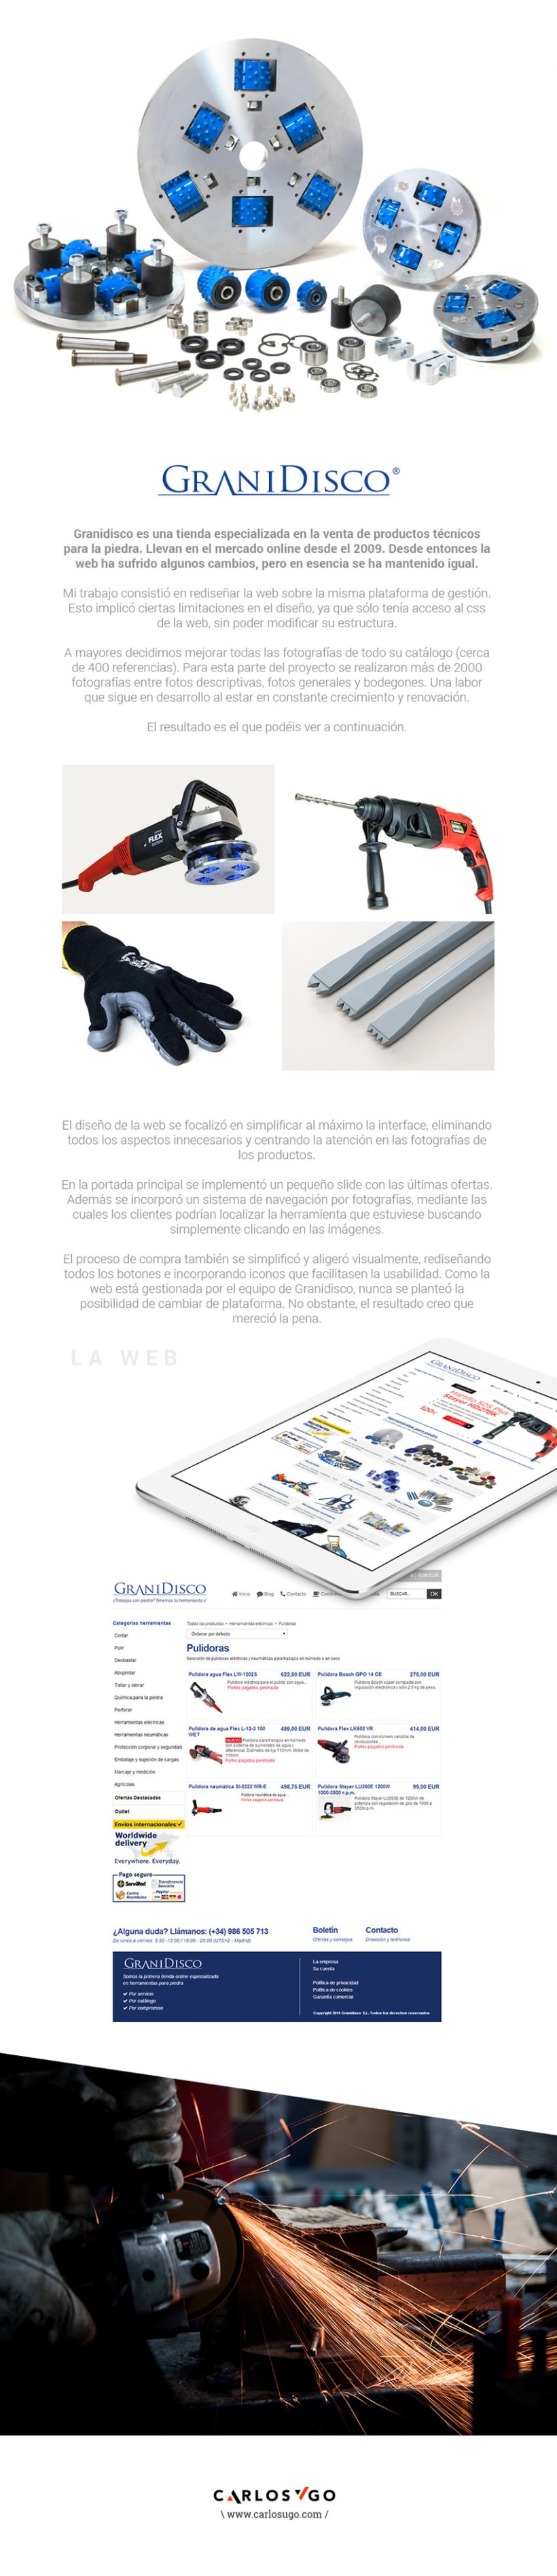 Diseño Web + Fotografía Granidisco.com -1